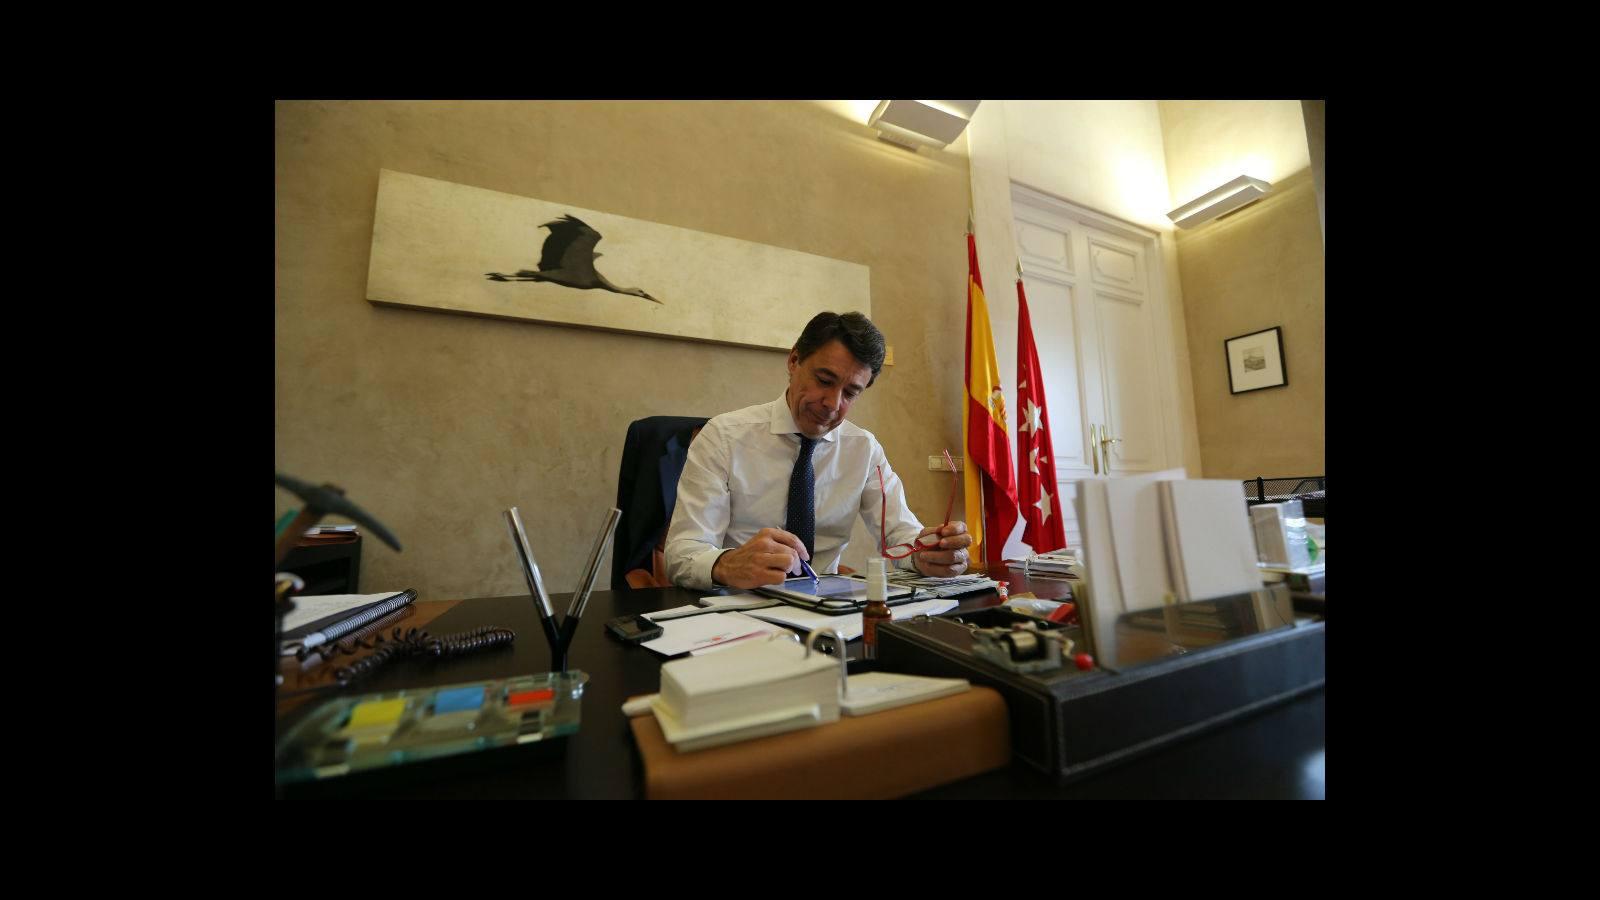 El presidente de la Comunidad de Madrid dibuja constantemente. Ha decidido estampar sus diseños en camisetas